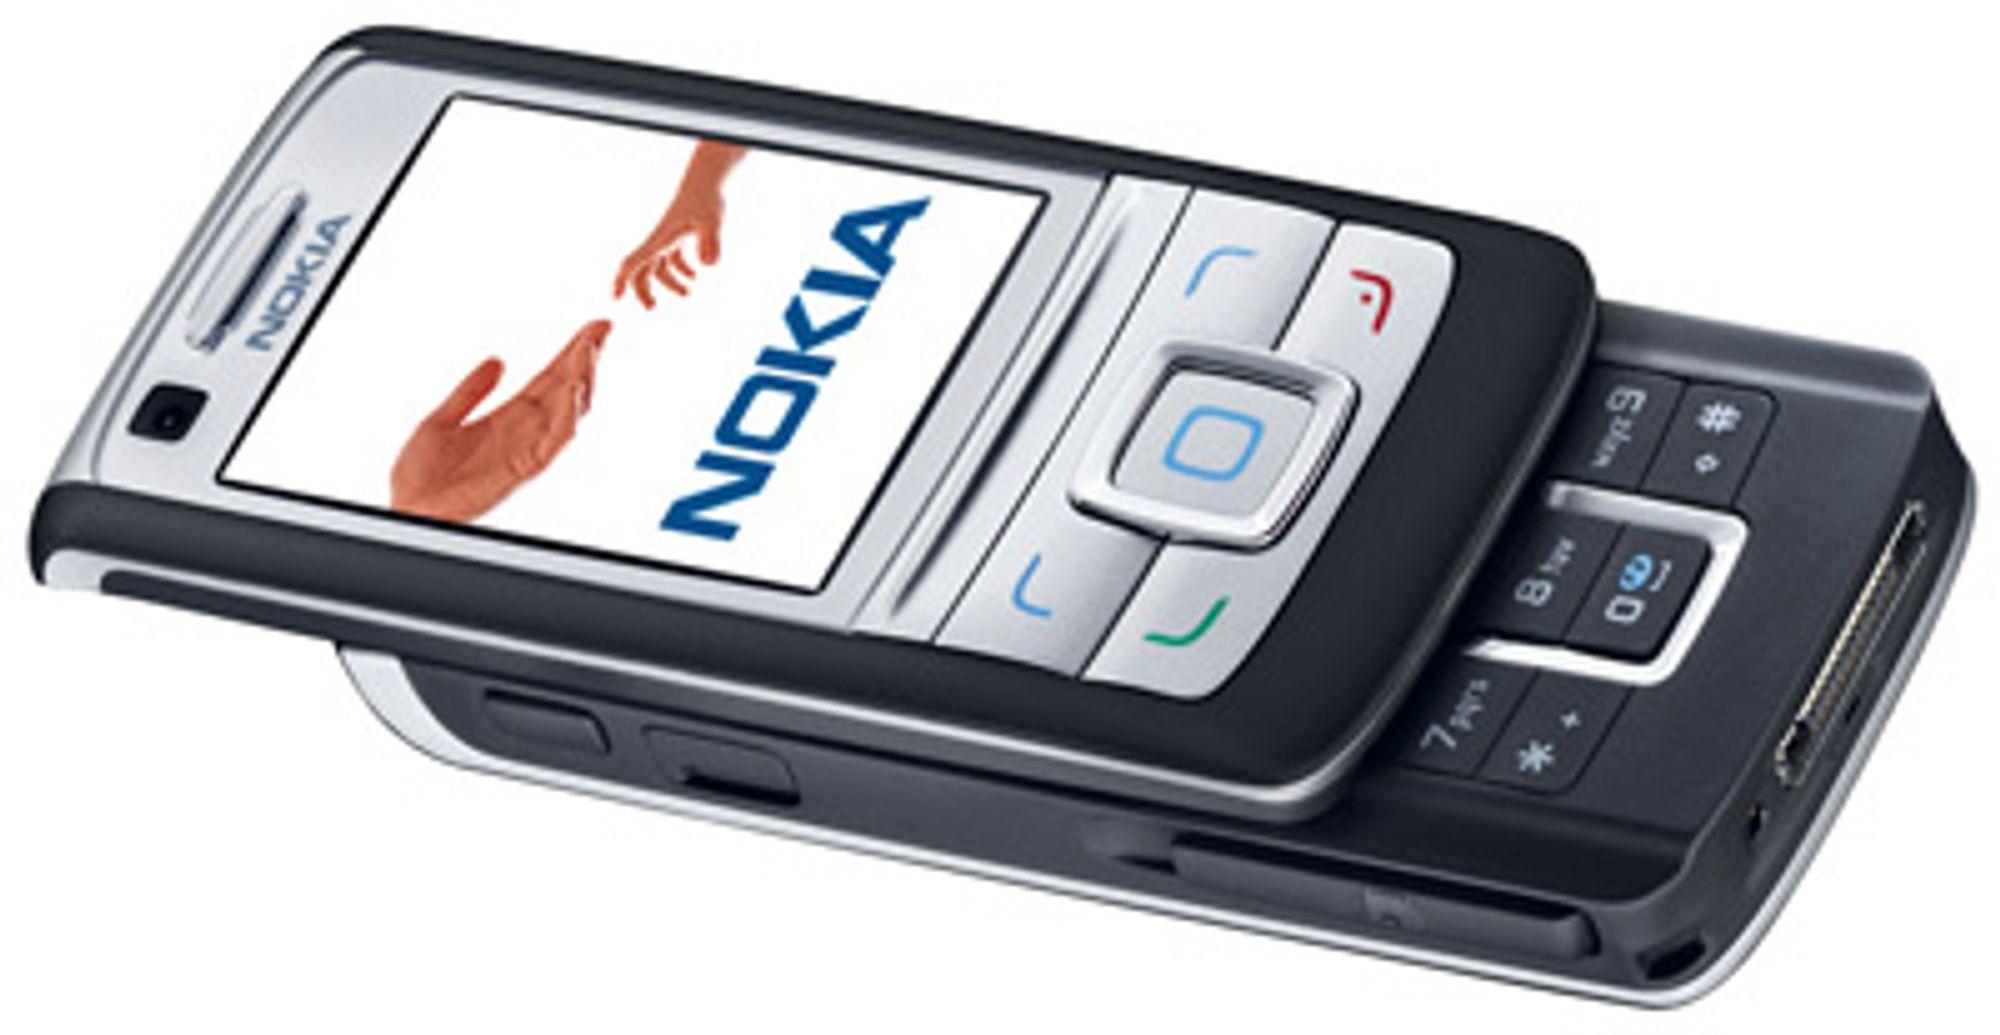 Nokia 6280 (Bilde: Nokia)